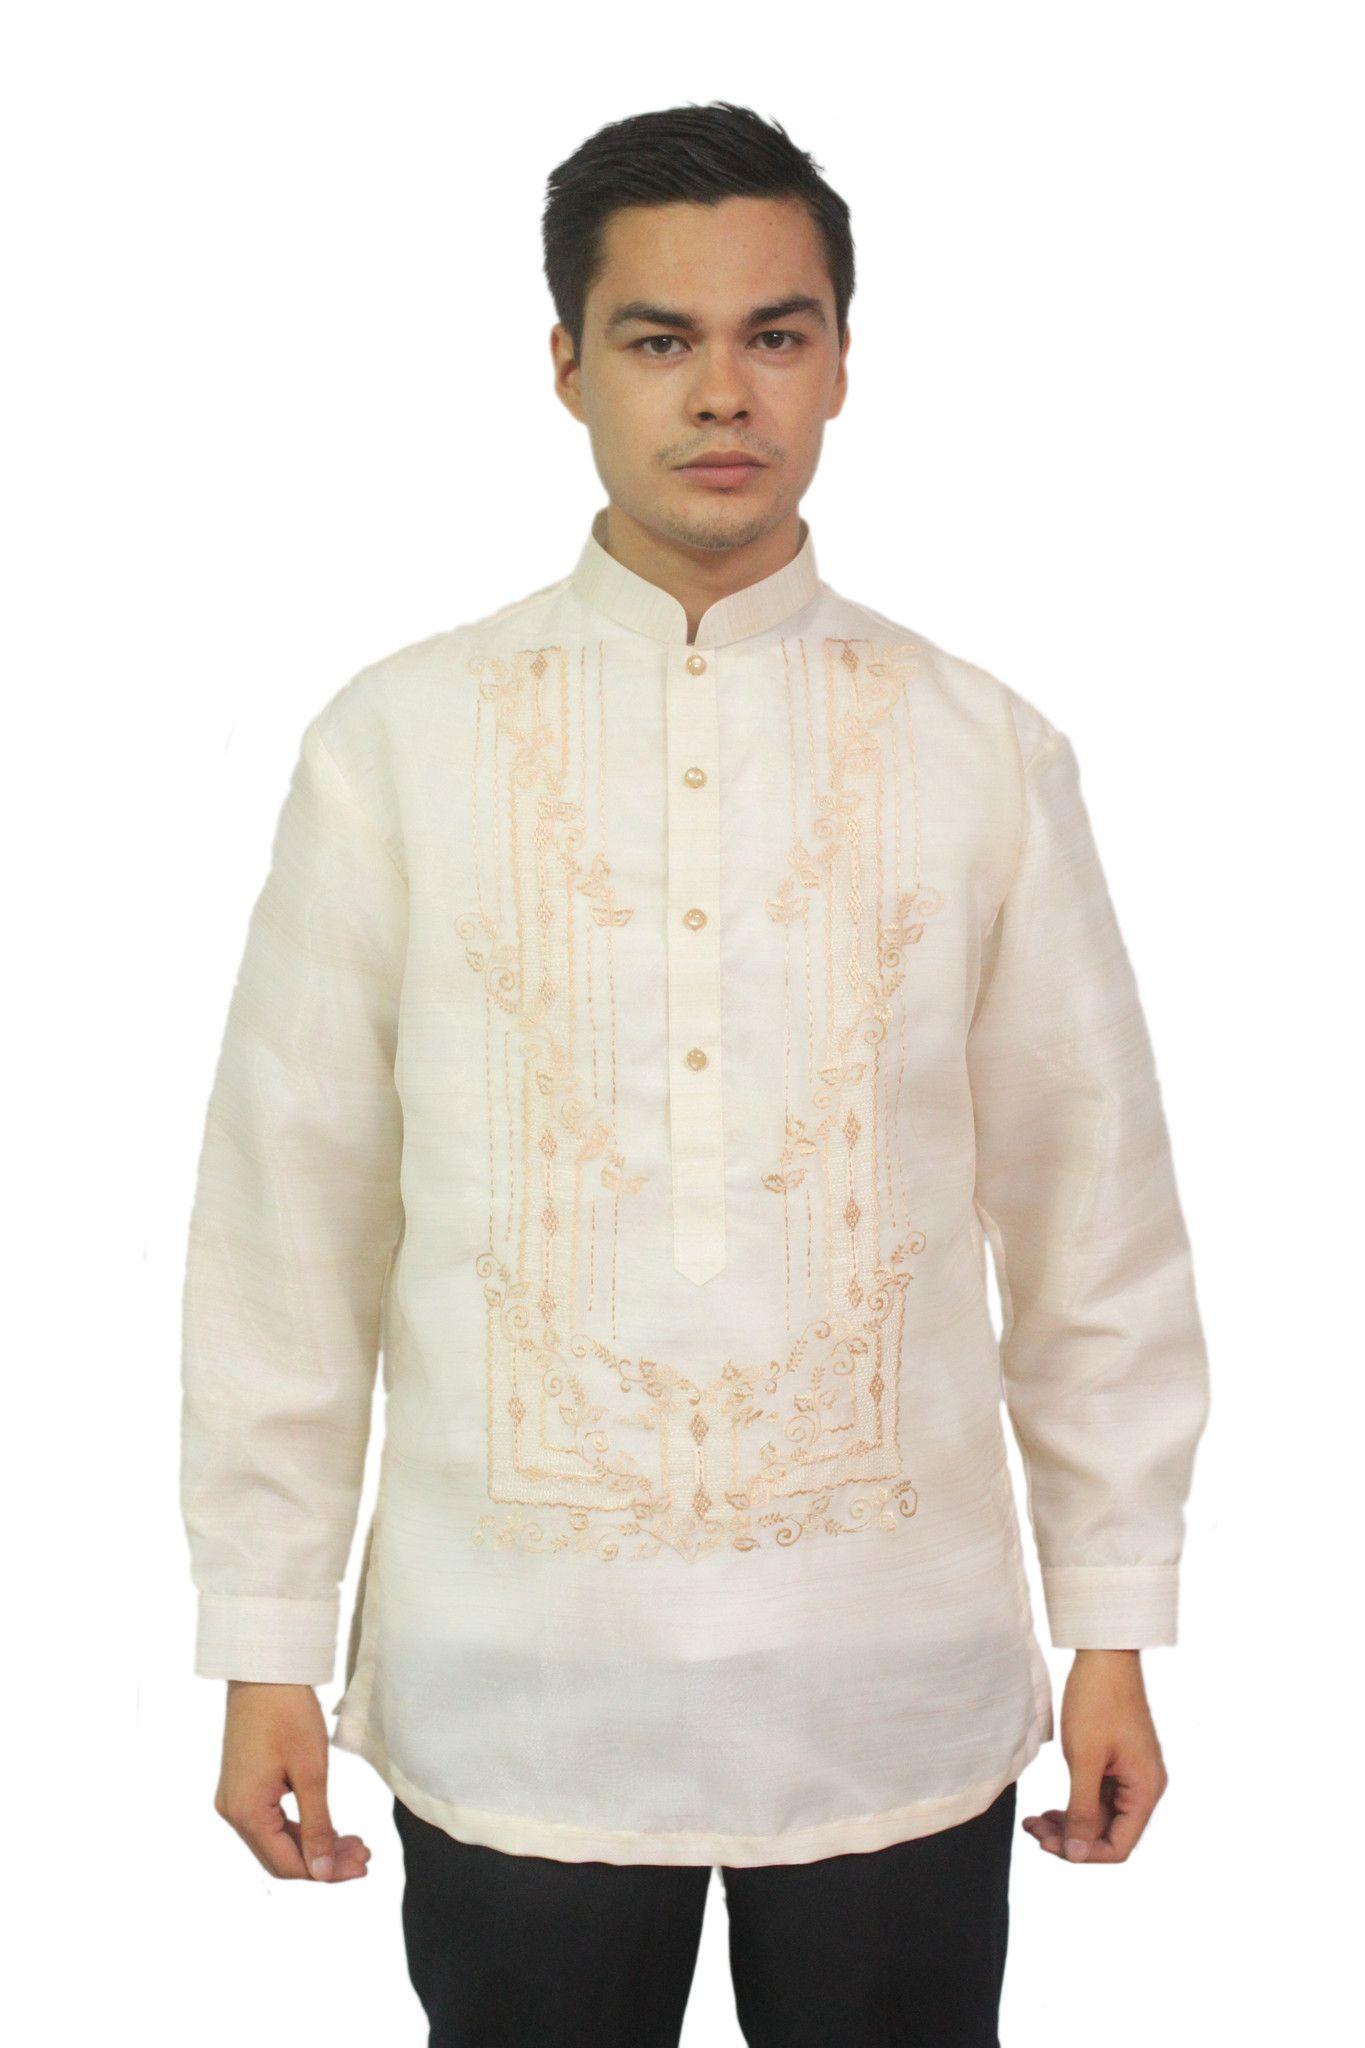 fc1bfc759 Barong Warehouse - Organza Pina Barong Tagalog with Lining 001 Barong  Tagalog, Different Types Of